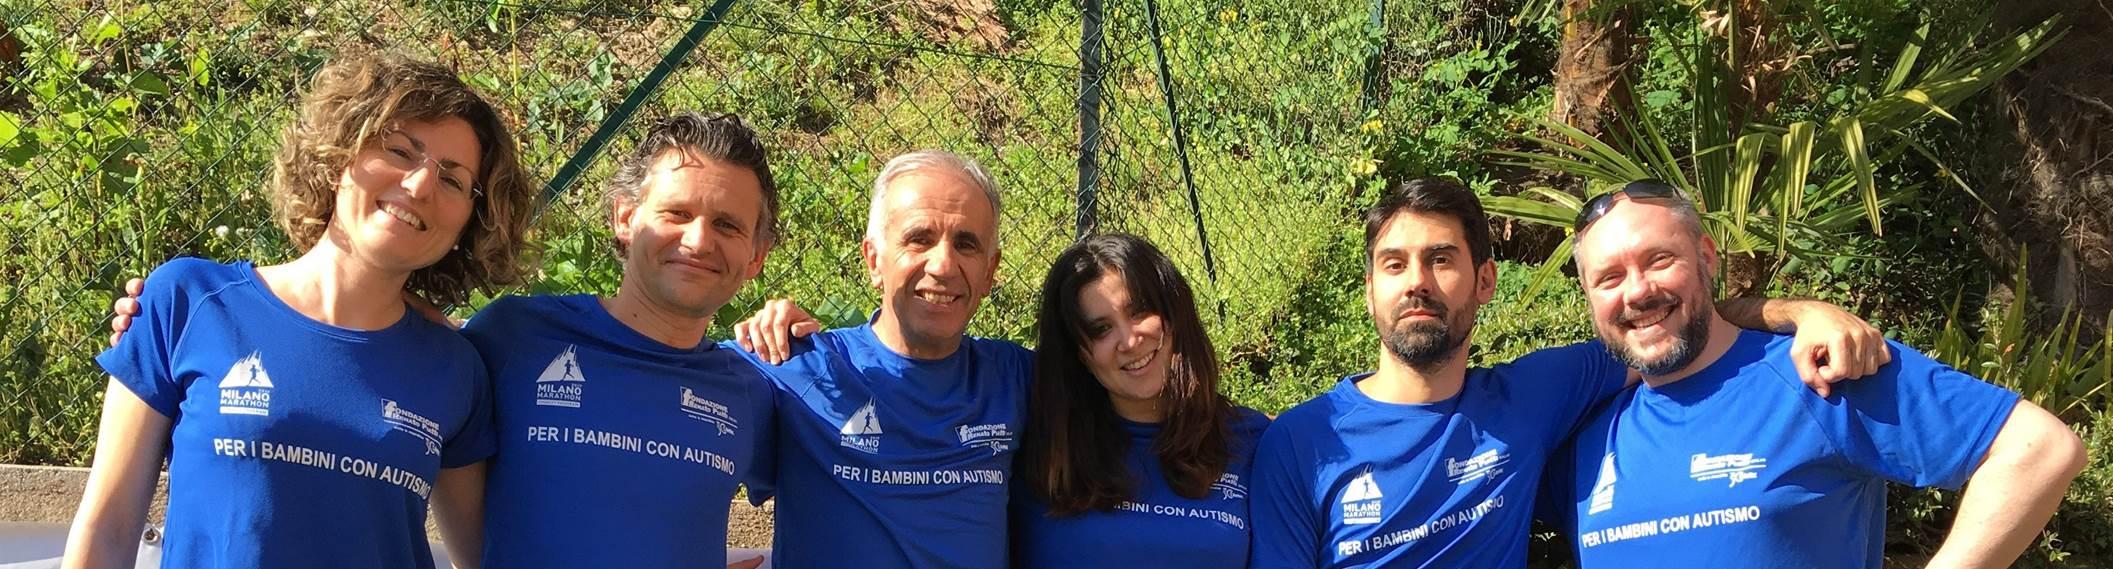 Fondazione Renato Piatti onlus alla Milano Marathon